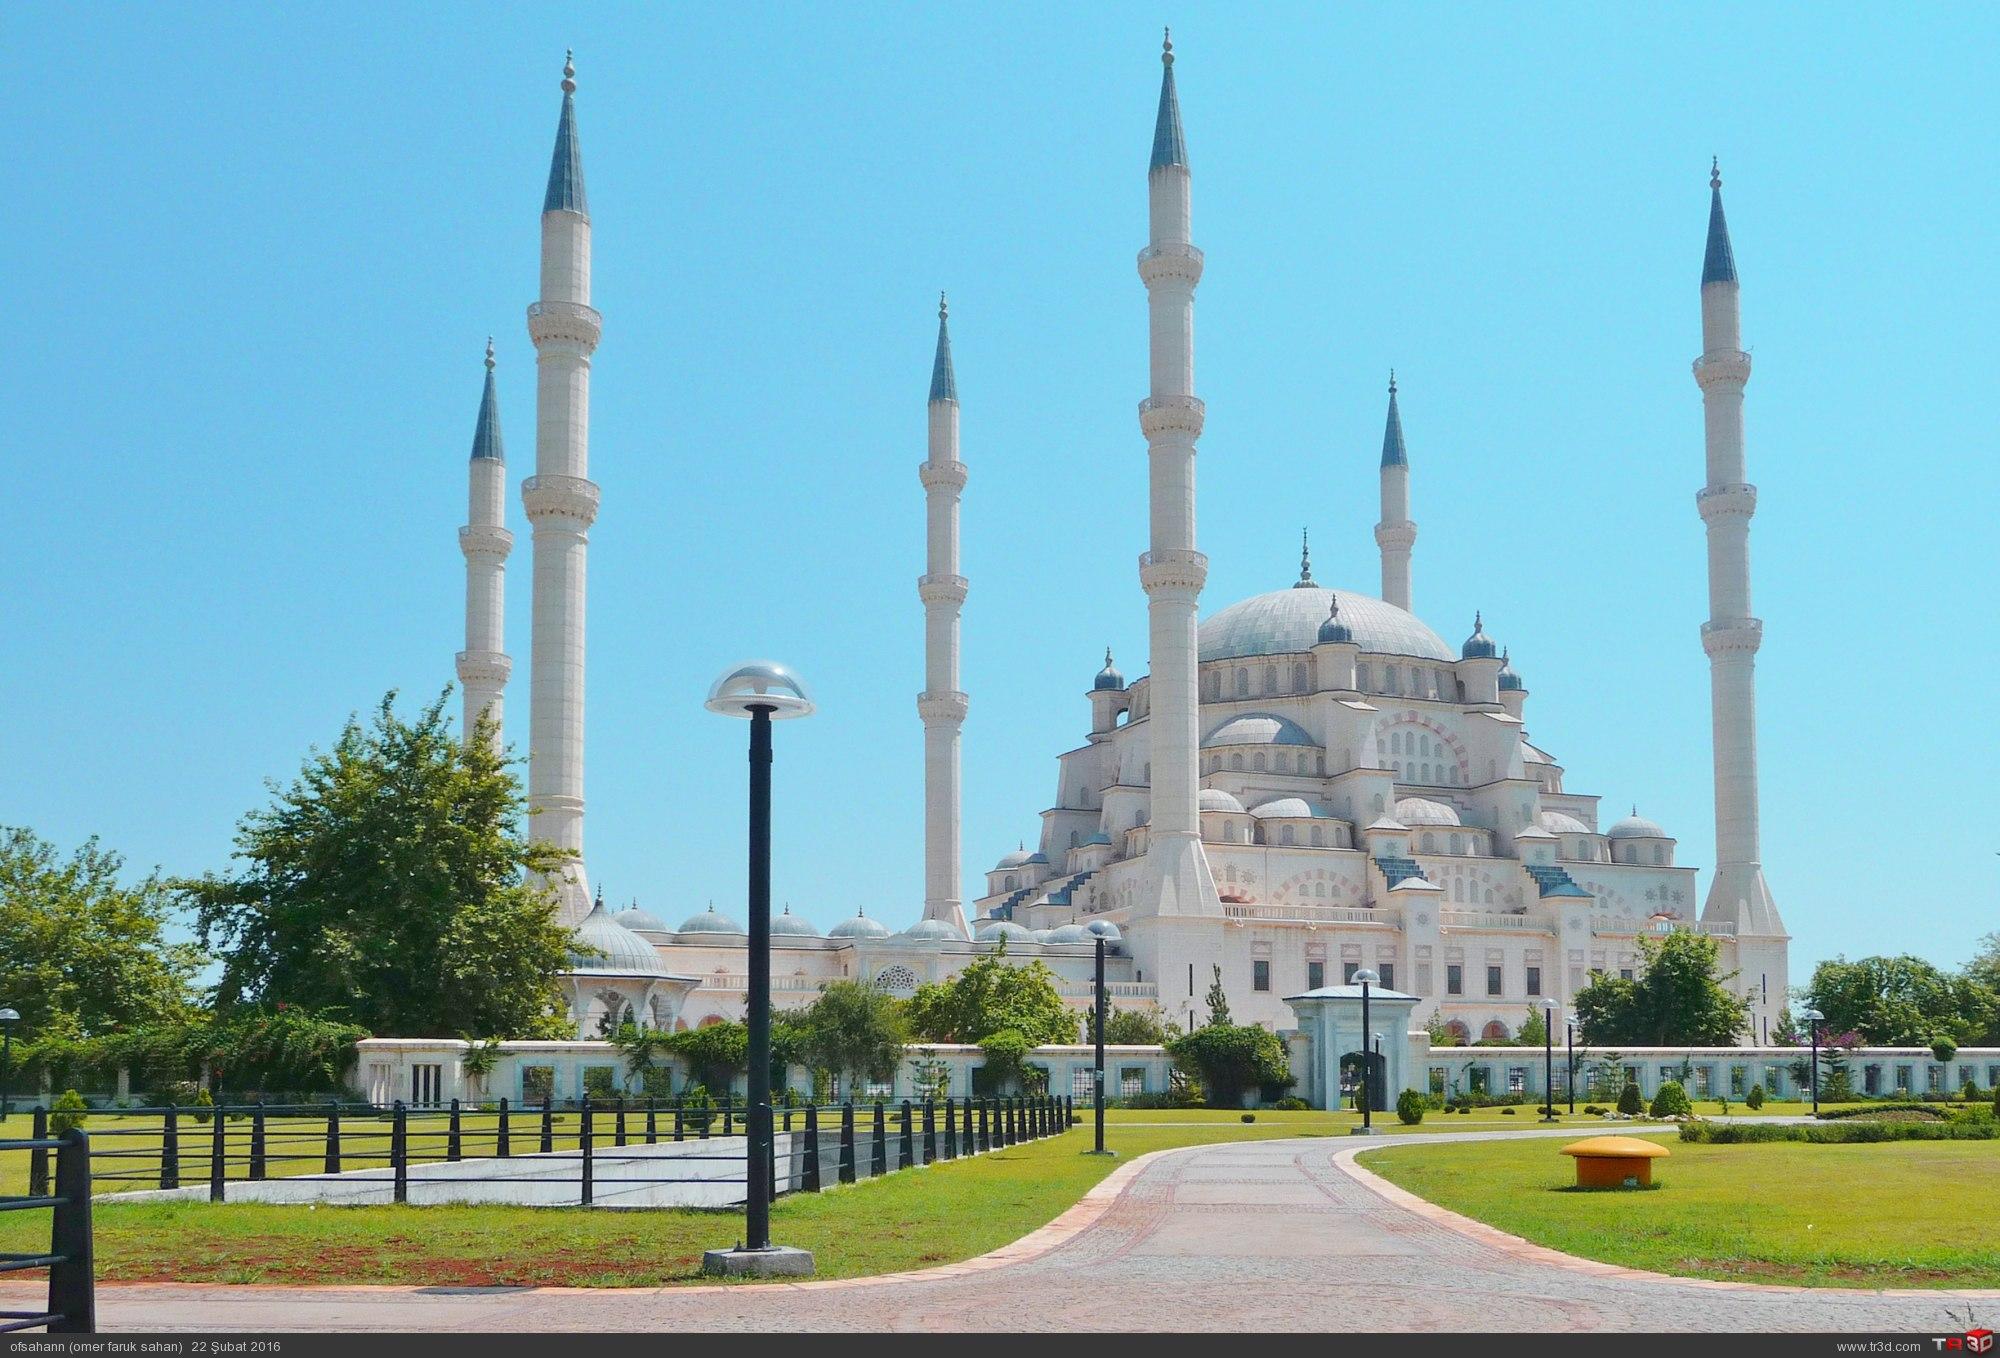 2550 Yılı Adana 1